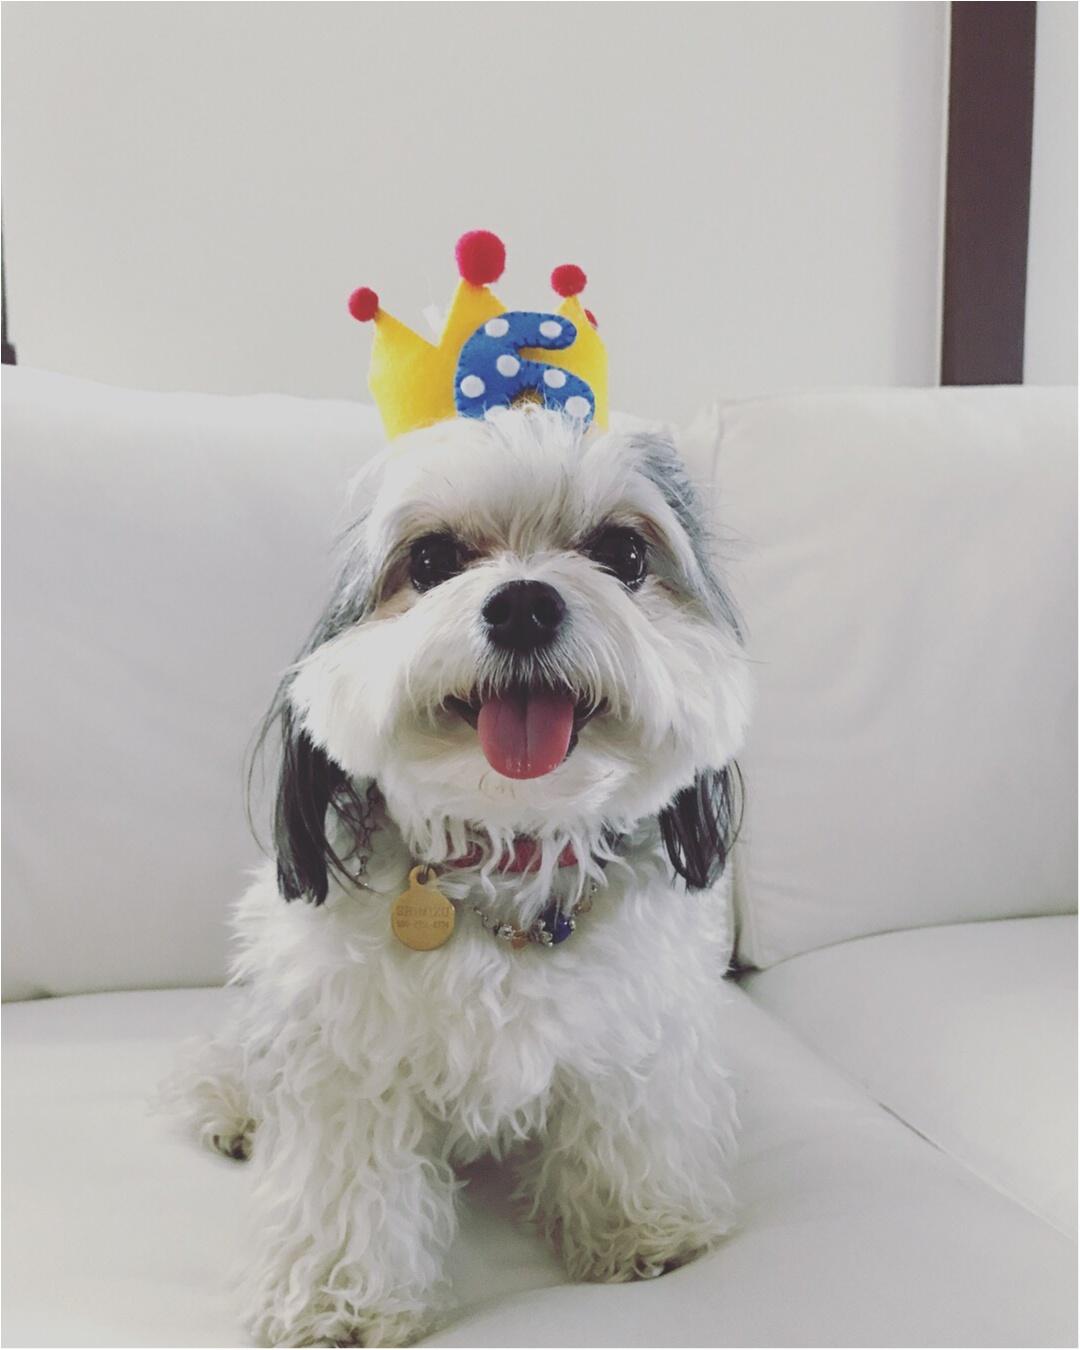 【今日のわんこ】ハッピーバースデー! 誕生日をお祝いした太郎くん_1